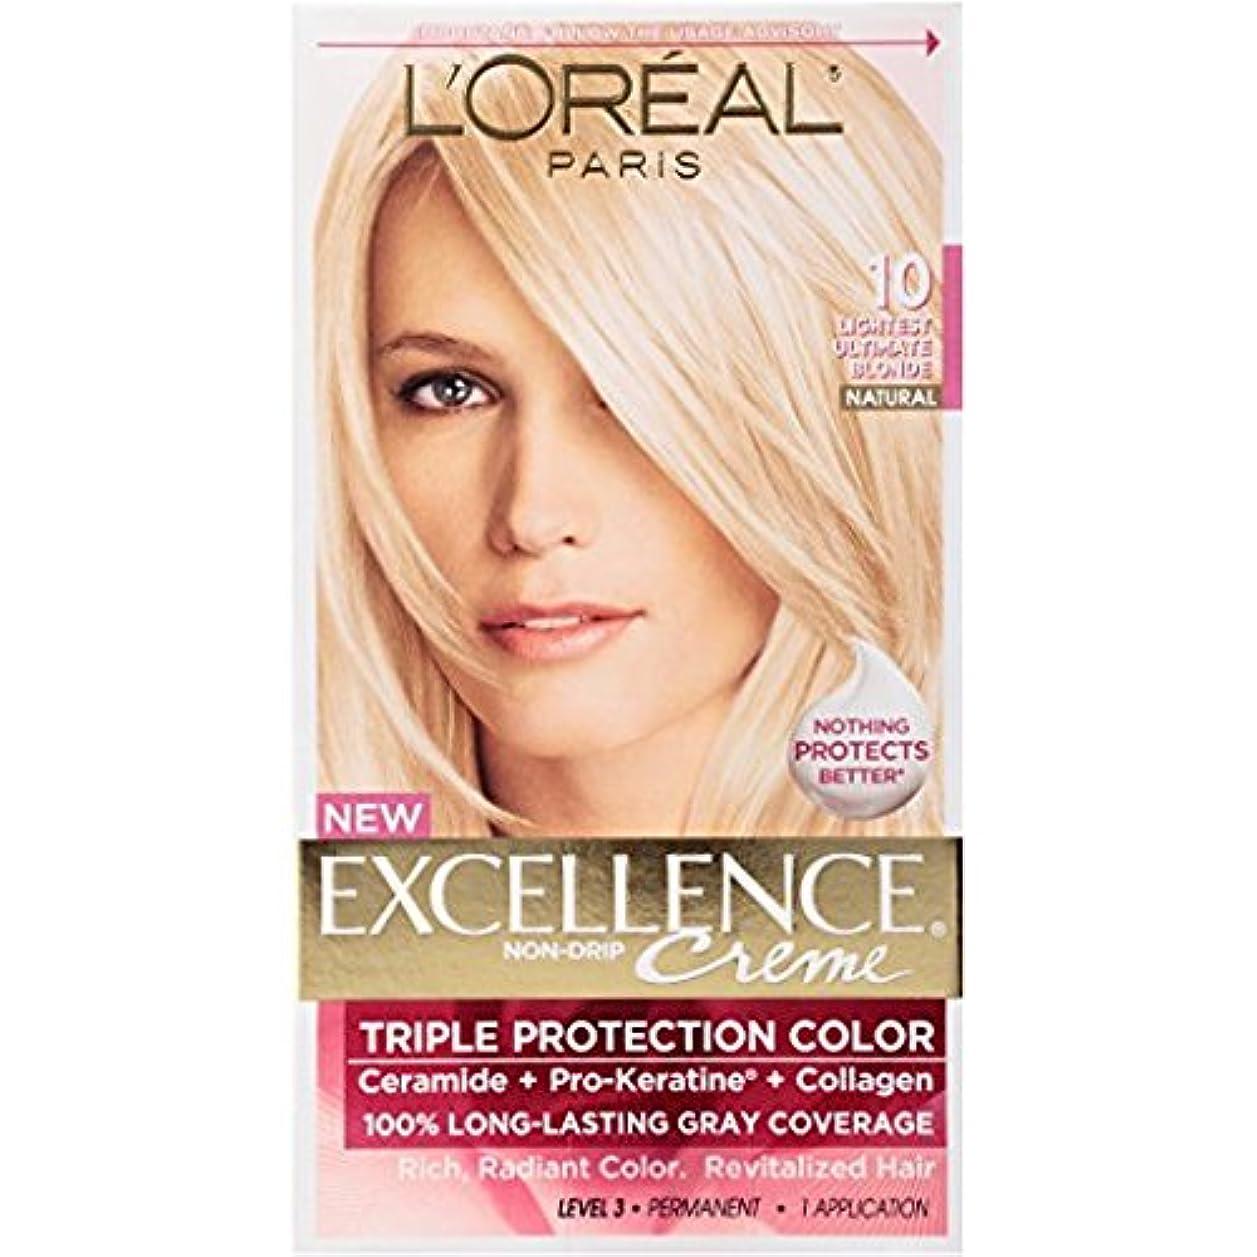 間人気のよく話されるロレアル L'Oreal Paris Excellence Creme Pro - Keratine 10 Light Ultimate Blonde ブロンド ヘアダイ [並行輸入品]